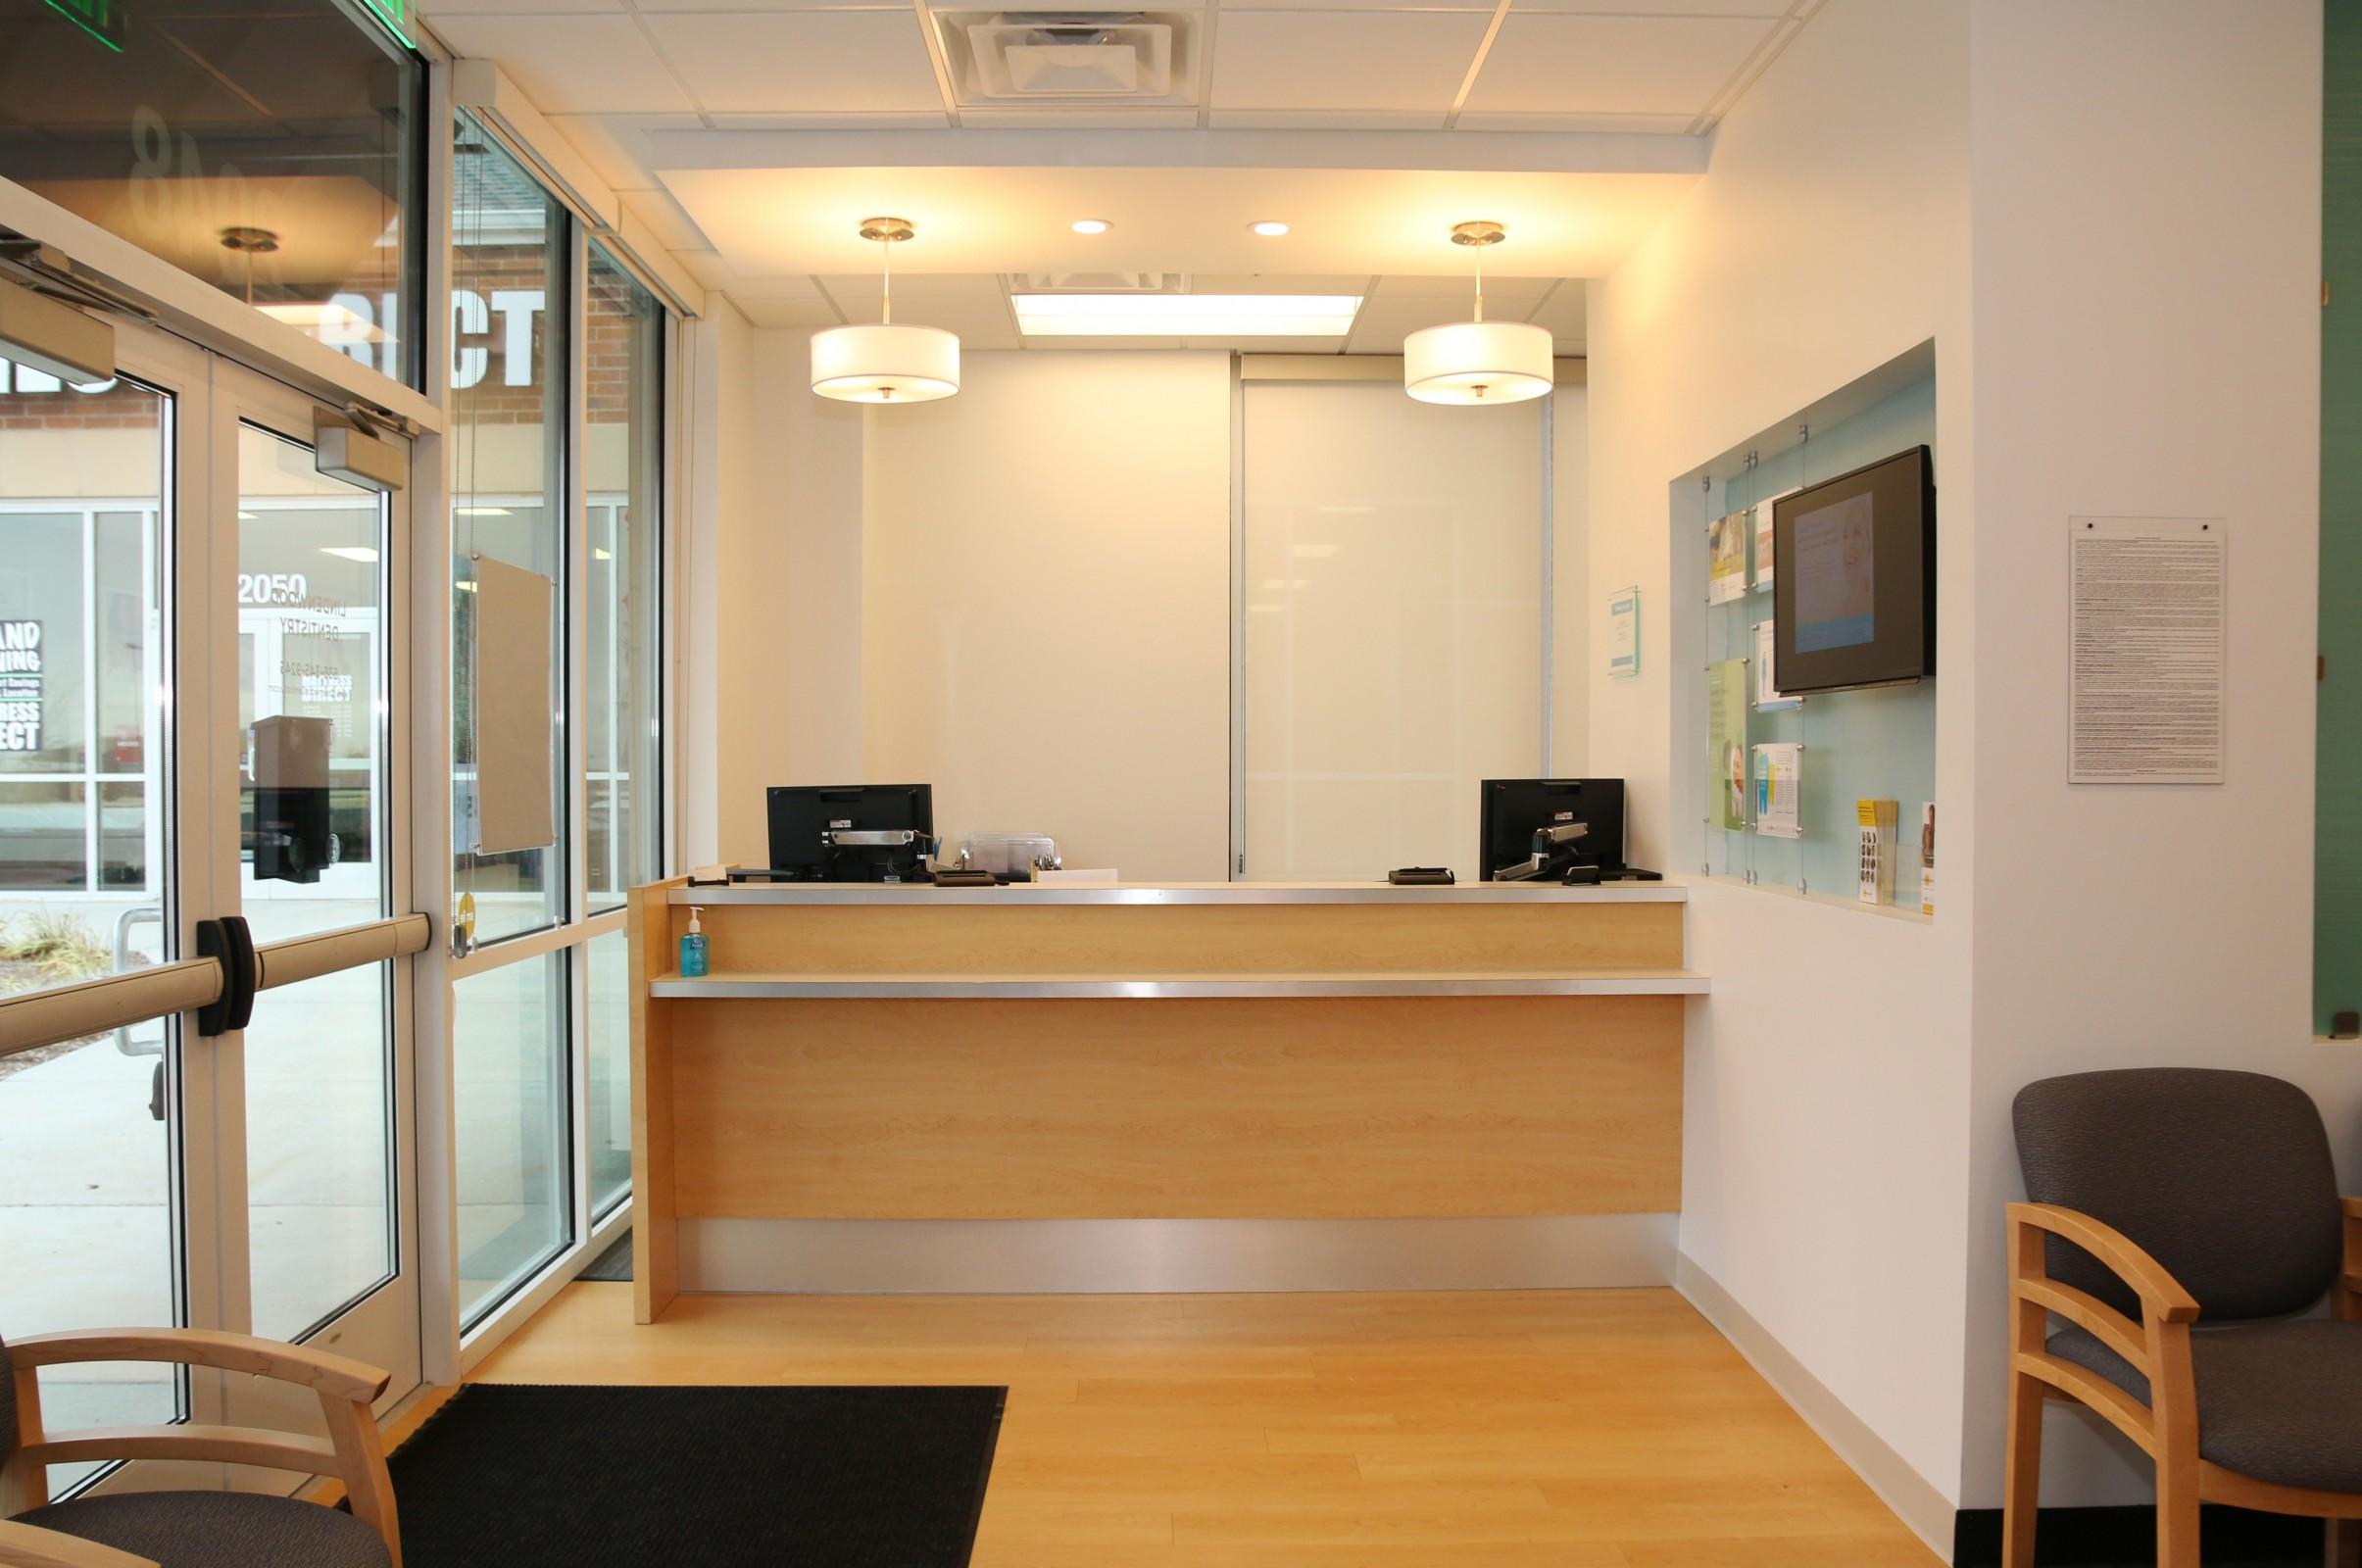 Lindenwood Dentistry image 1